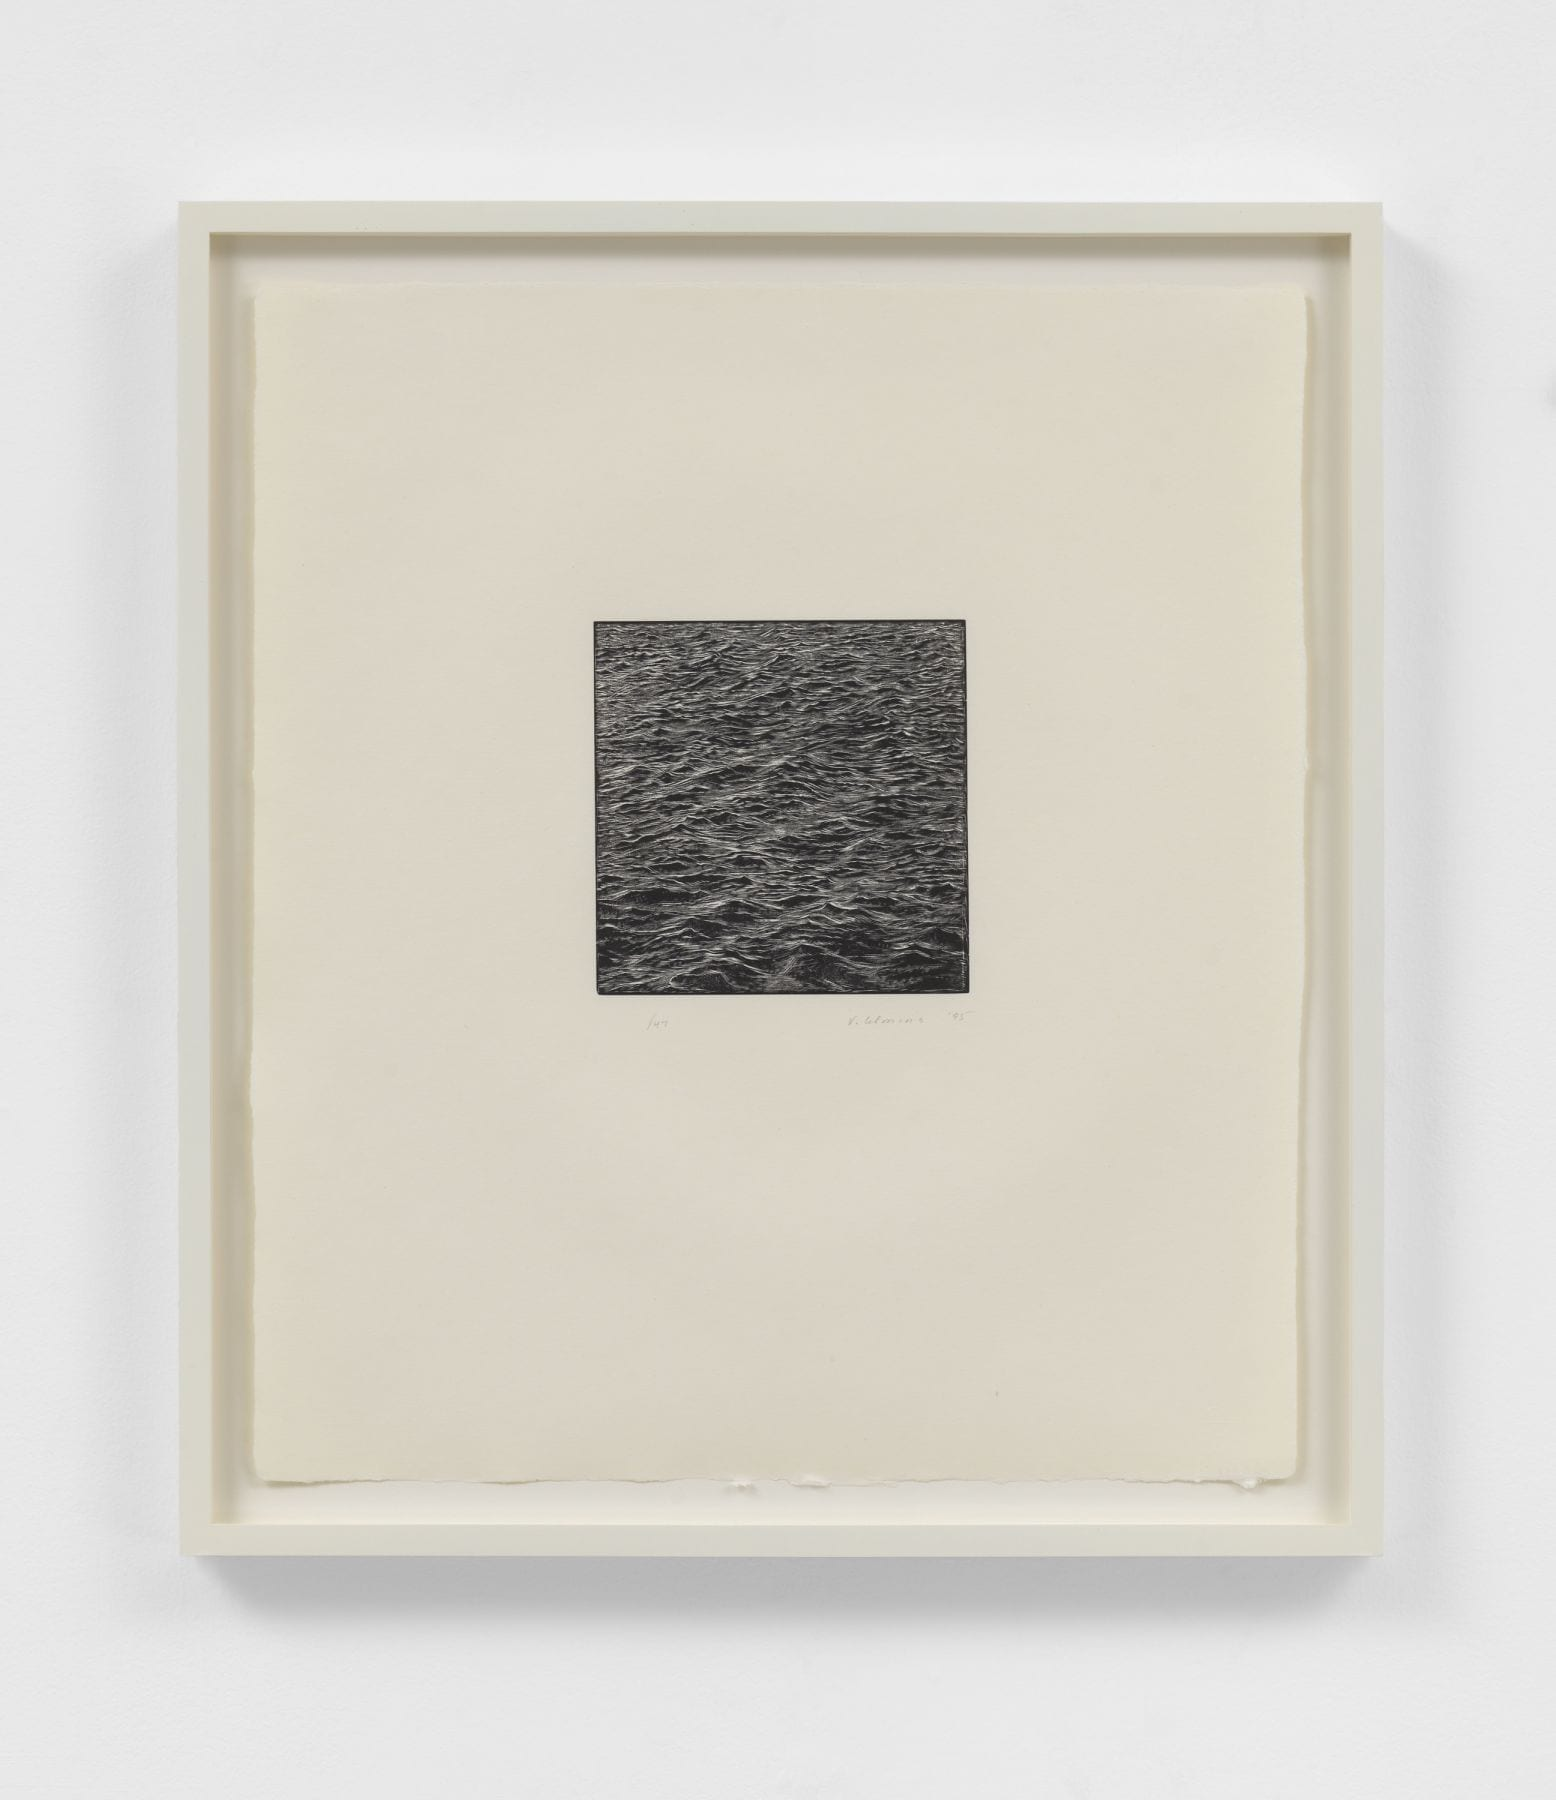 Untitled (Ocean Woodcut), 1995